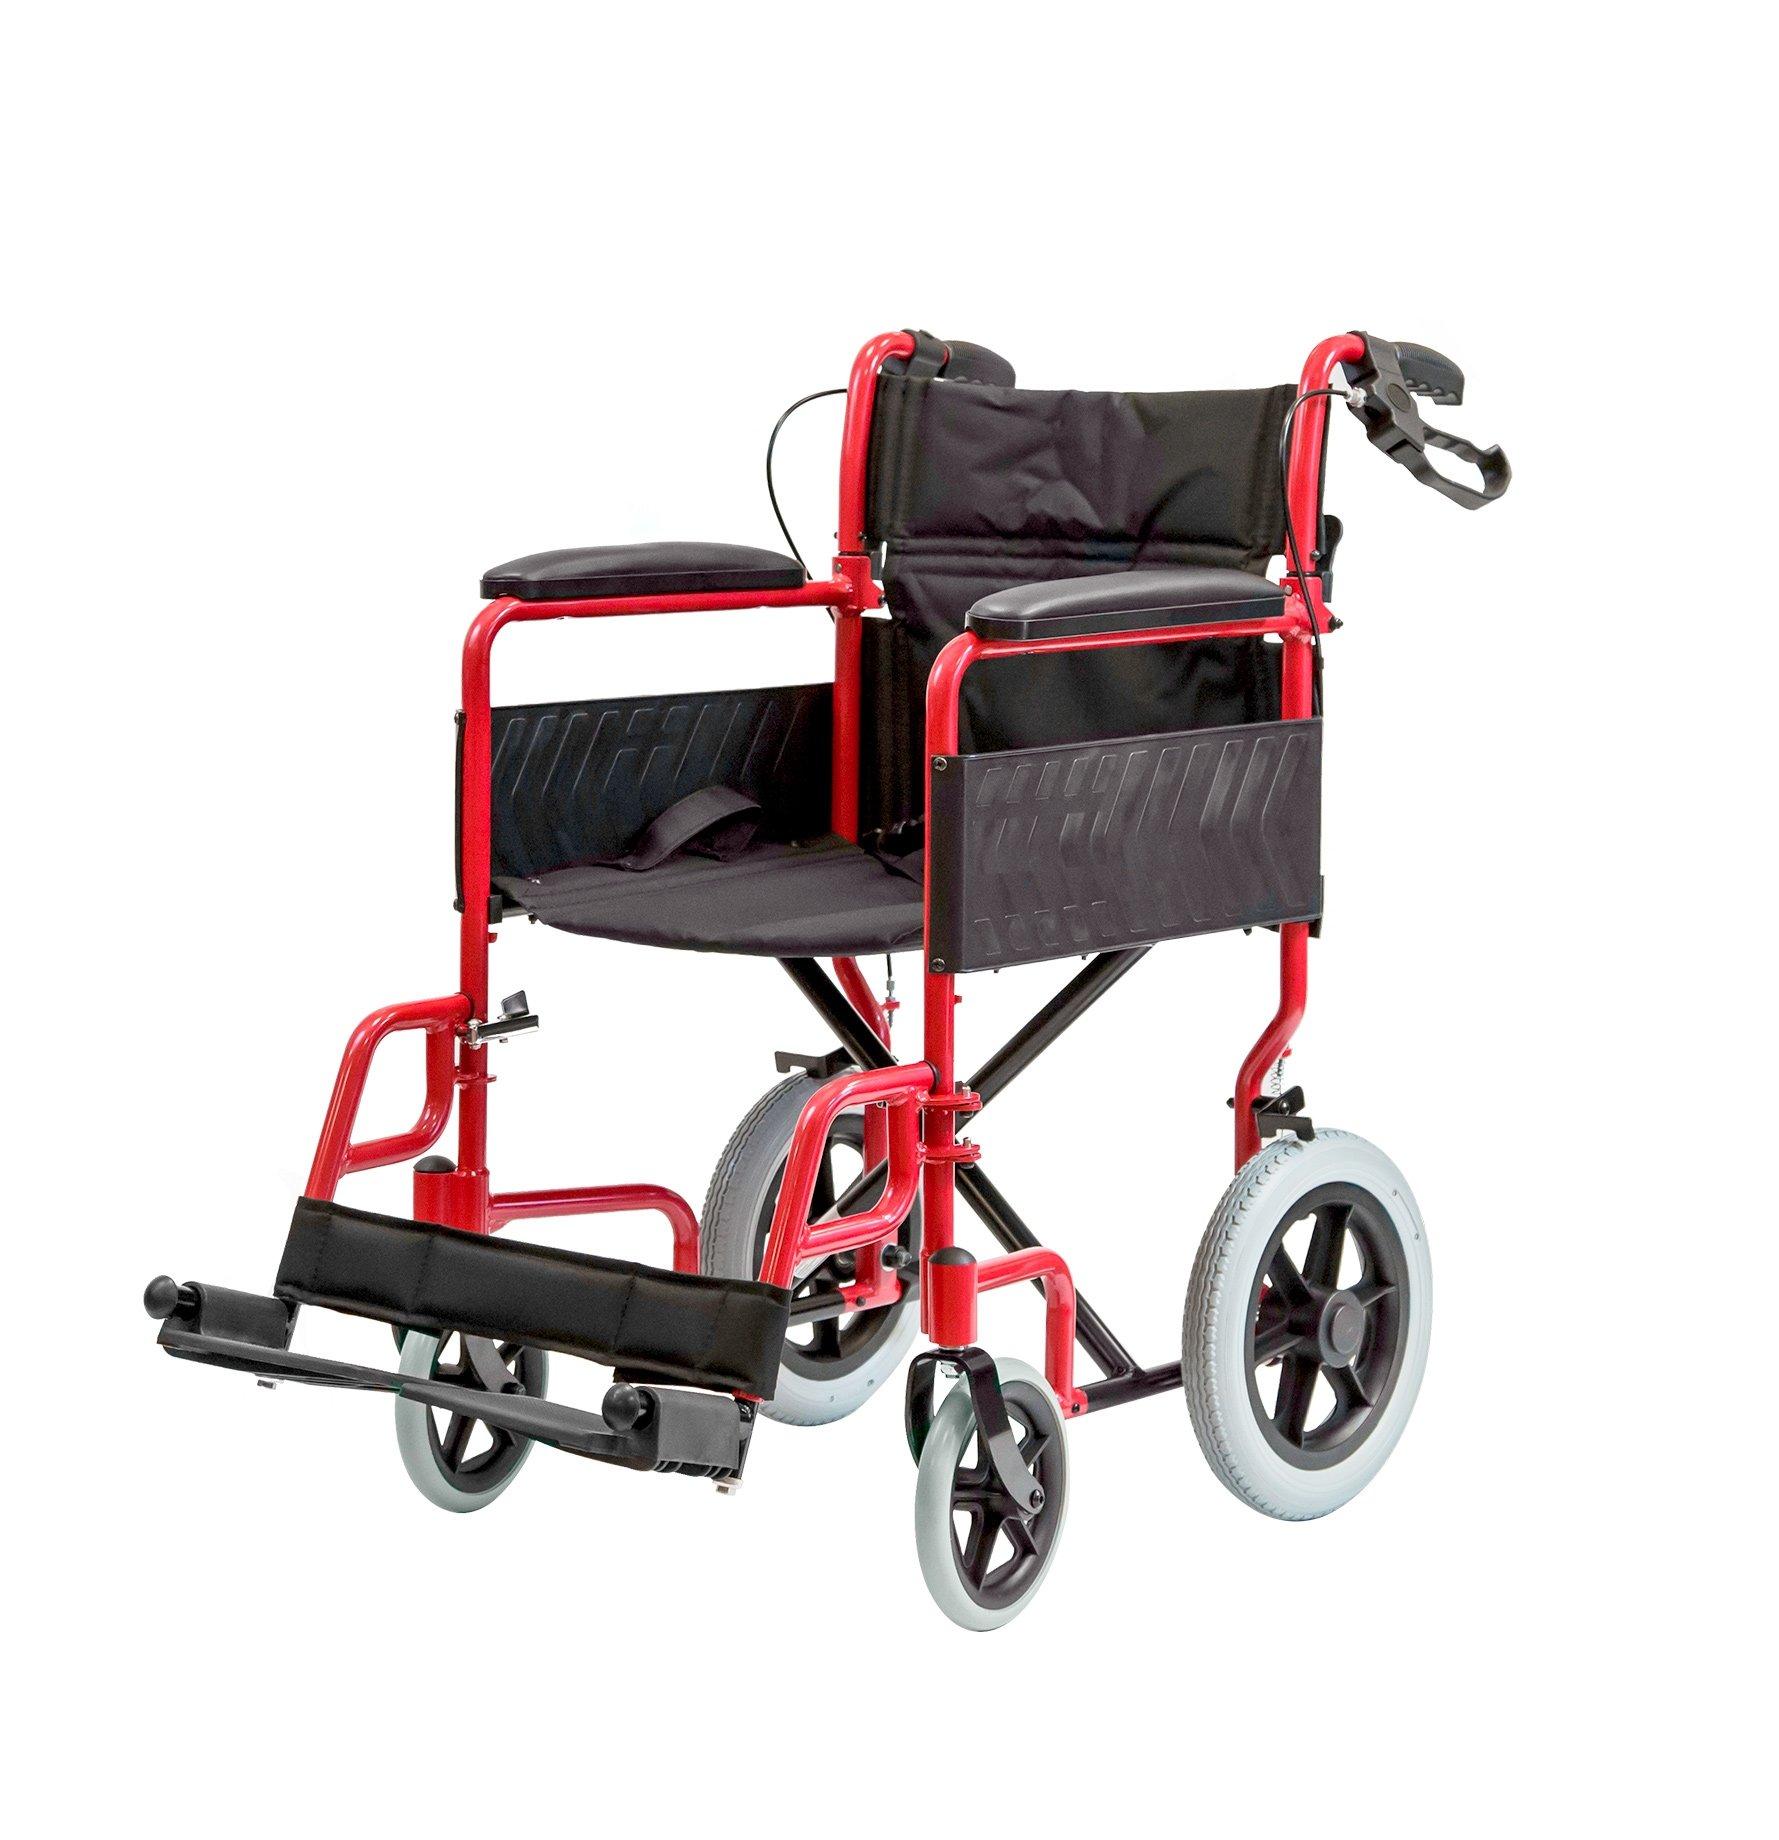 GREYHOUND wheelchair